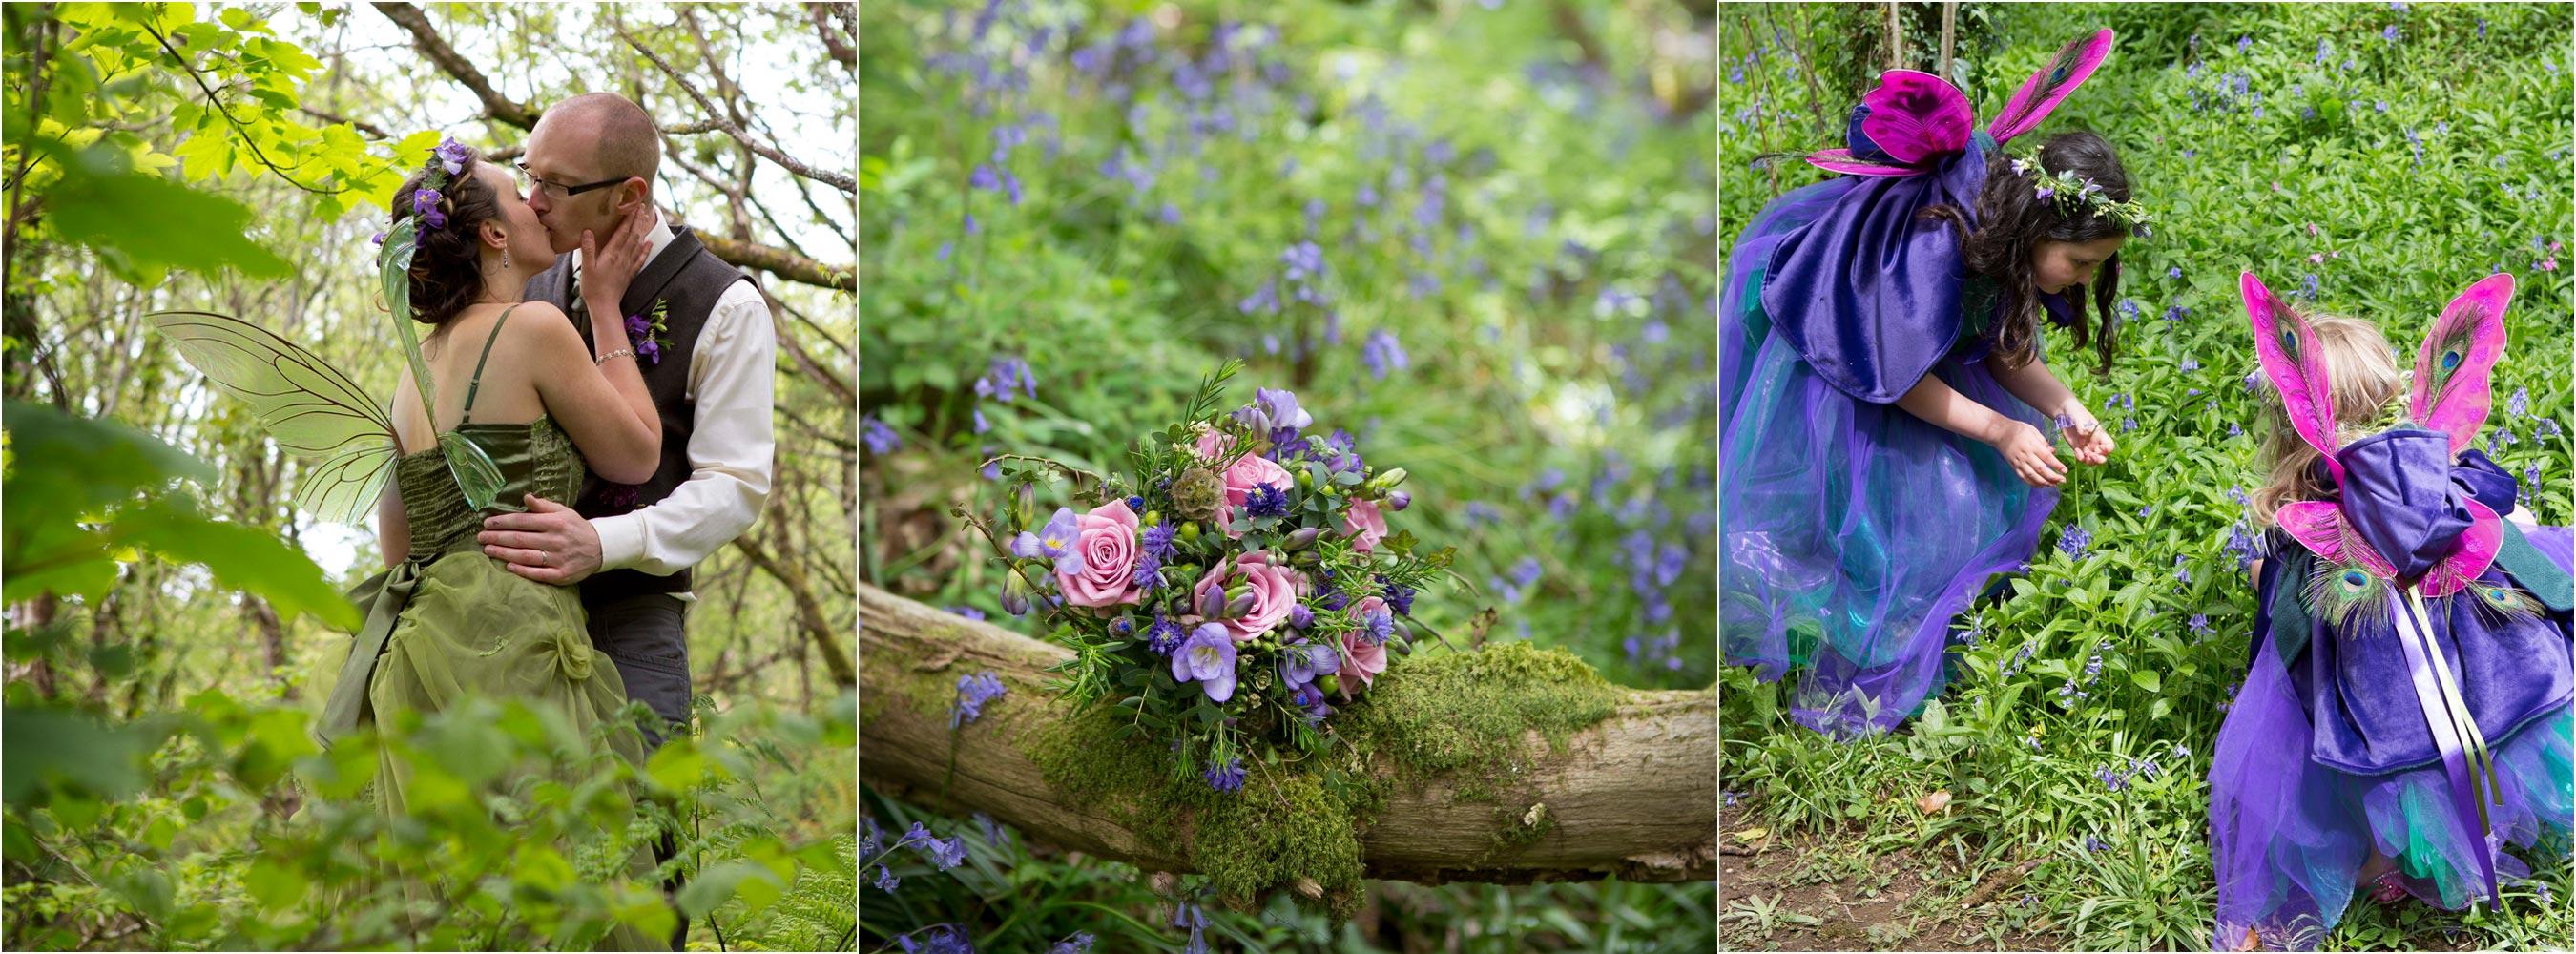 Woodland Fairy Bridge bouquet fairy flowergirls picking bluebells